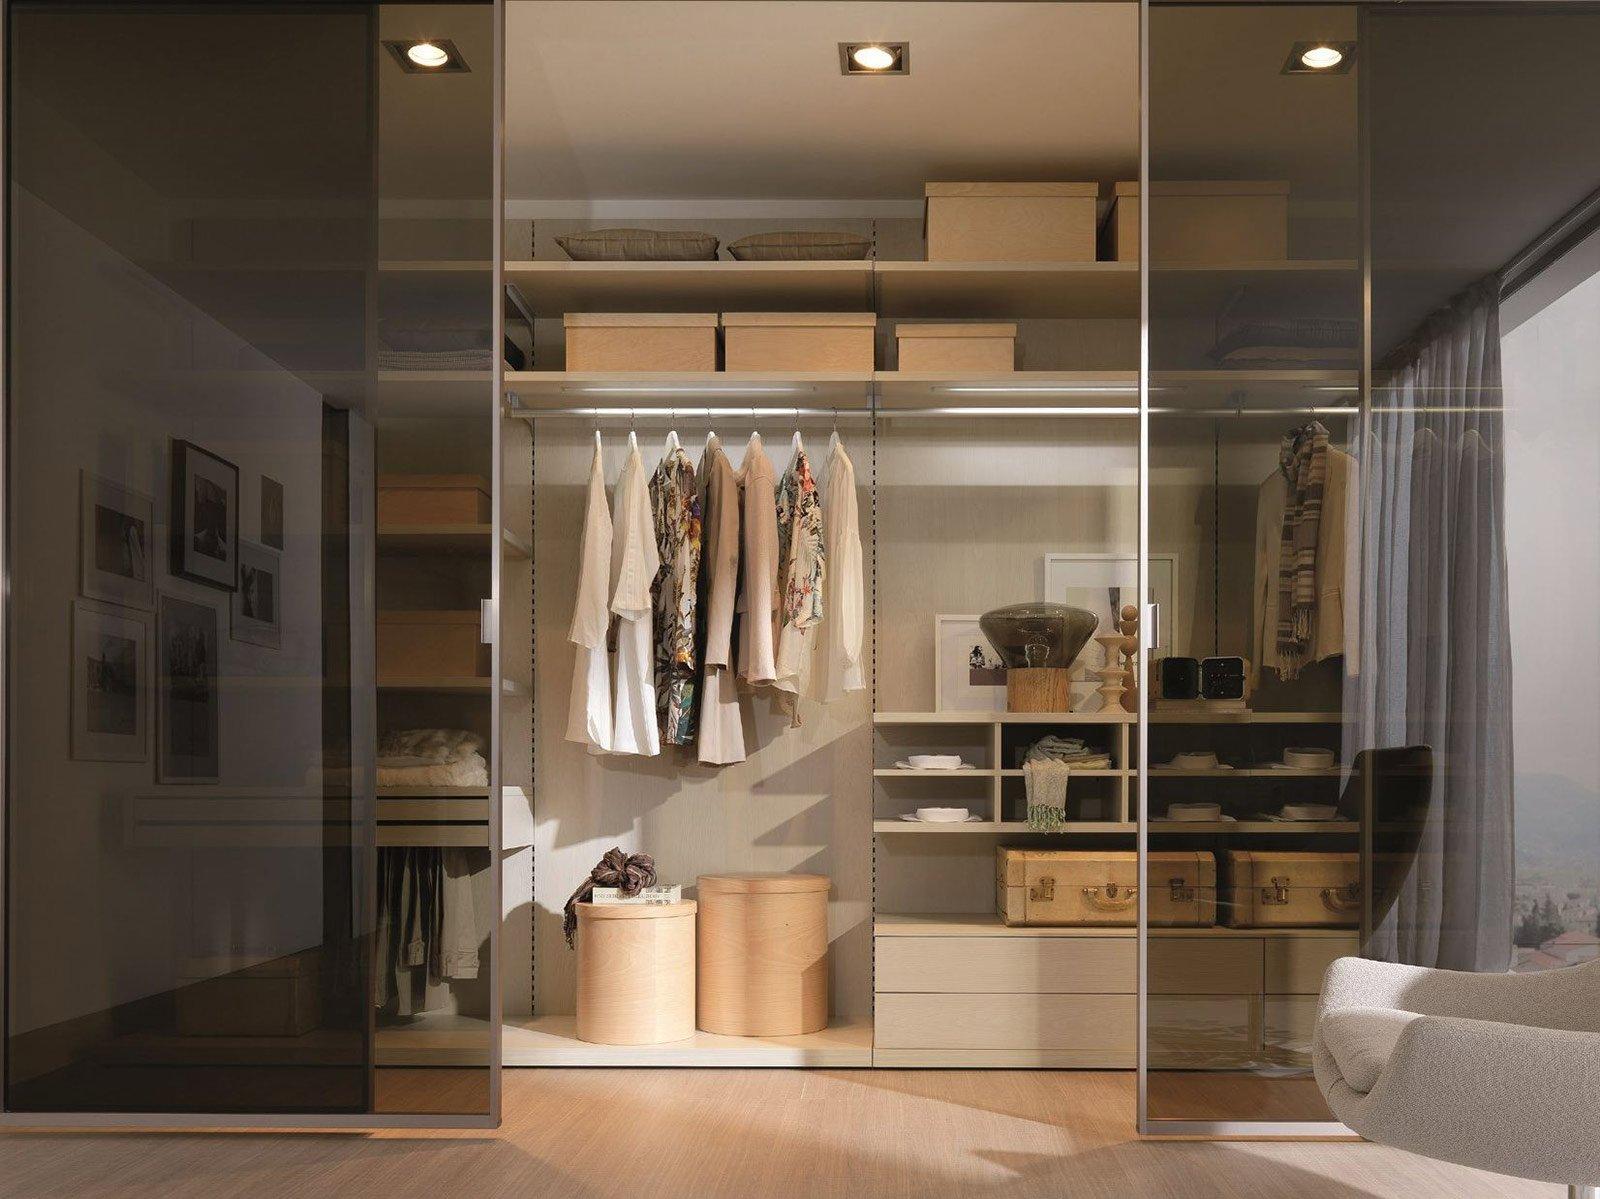 Cabine armadio progettiamo insieme lo spazio cose di casa - Interni per cabine armadio ...